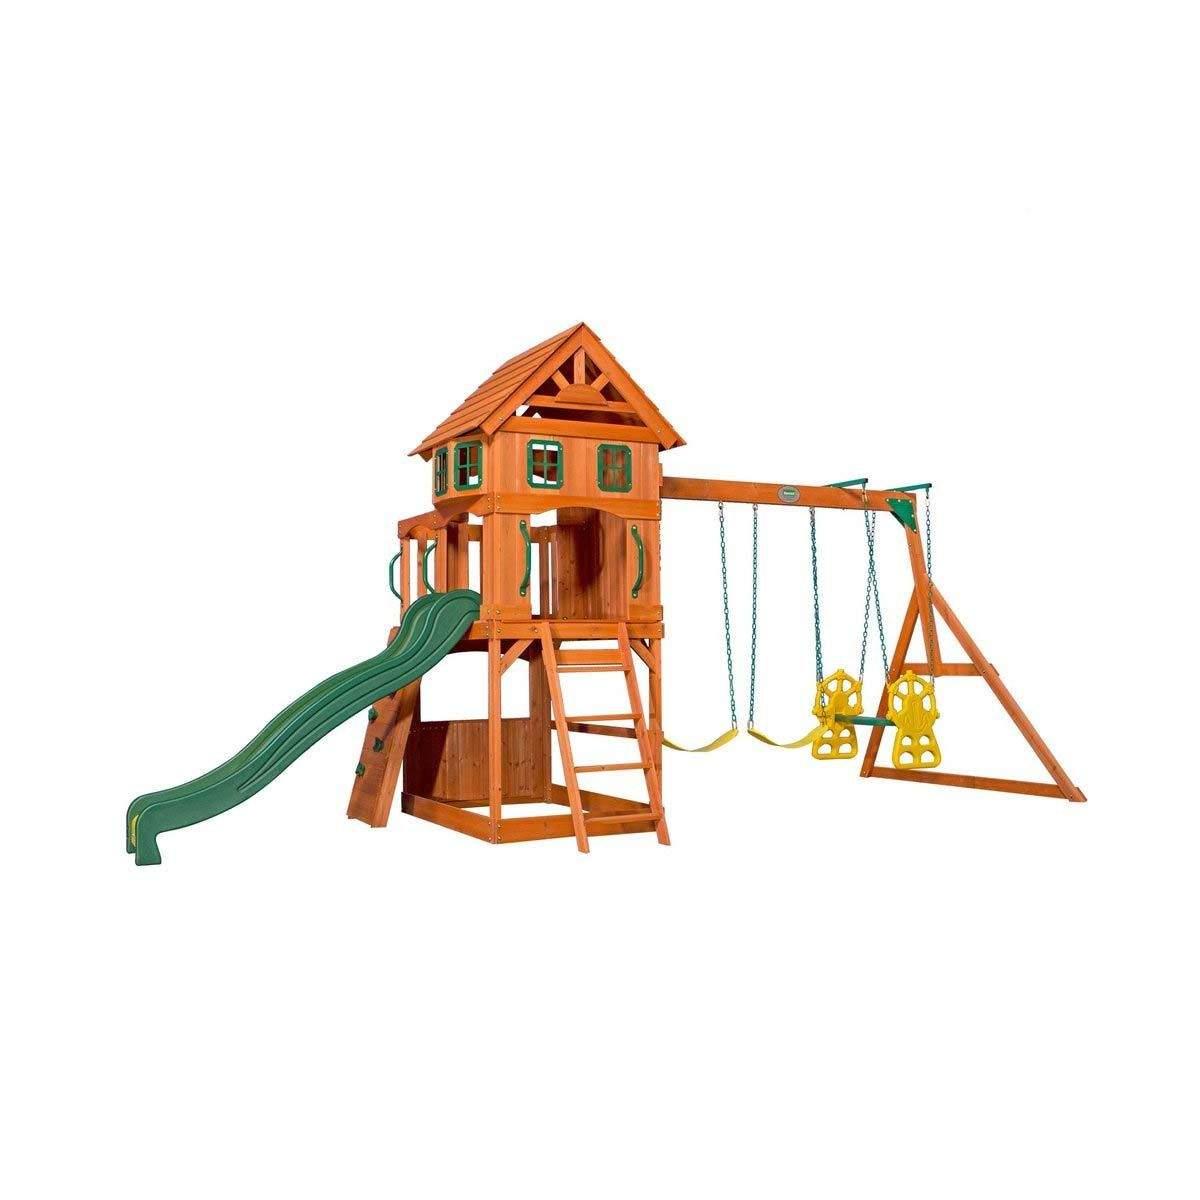 Kletterhaus Garten Einzigartig Backyard Spielturm atlantic Holz Mit Schaukel Und Rutsche